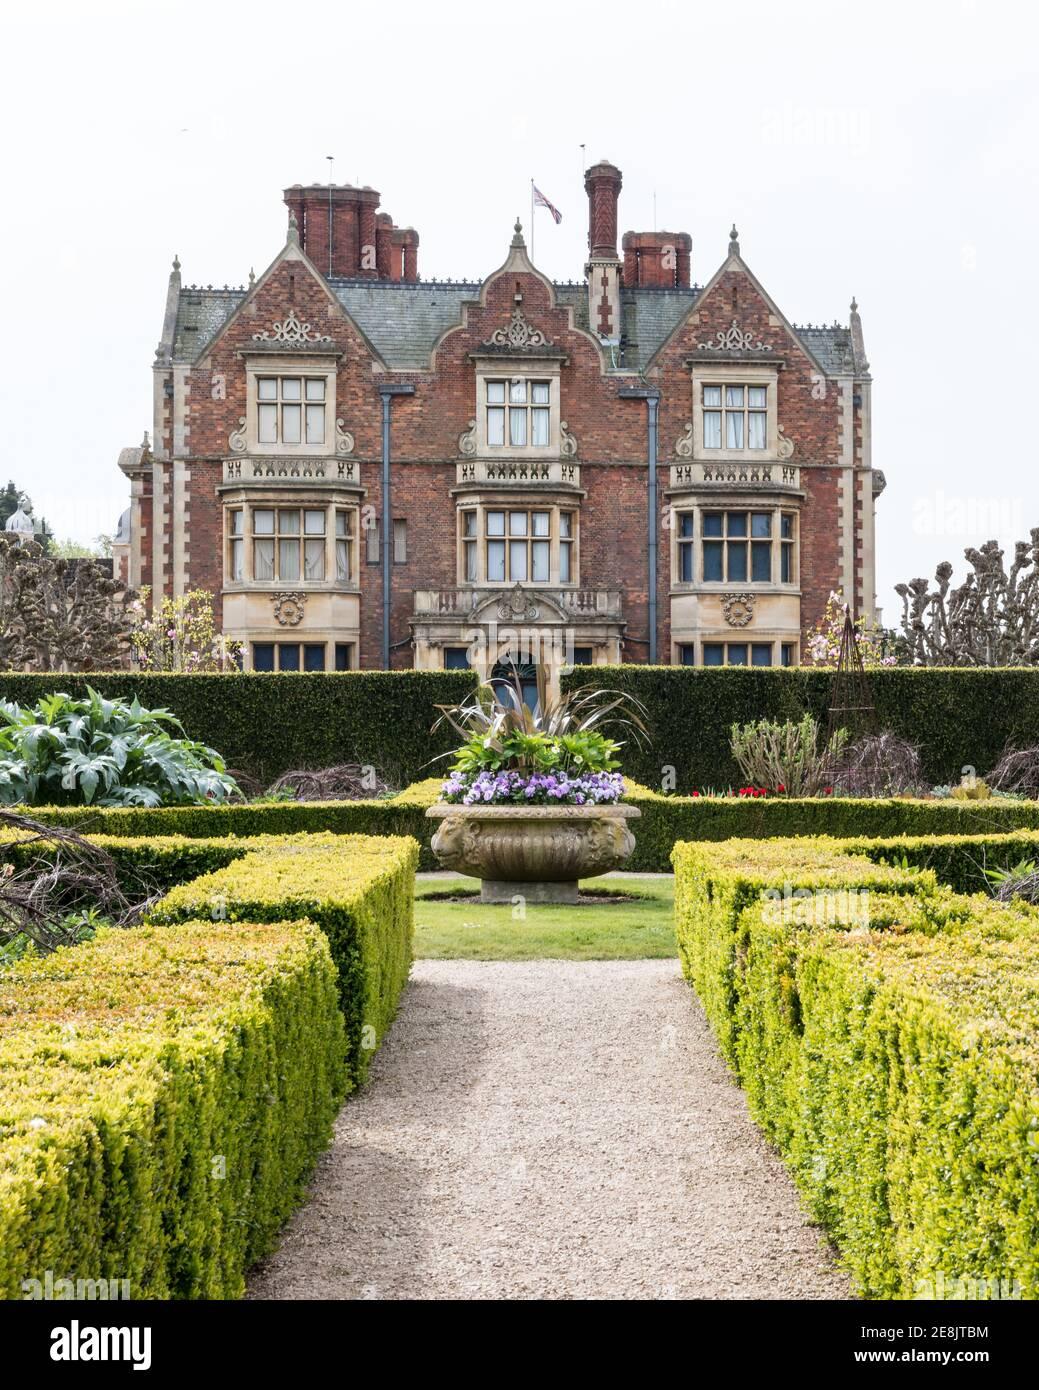 Reino Unido, Norfolk, Sandringham Estate, 2019, abril de 23: Detalle de la casa y el jardín de la elevación del norte, Sandringham House, la reina Isabel II país resi Foto de stock